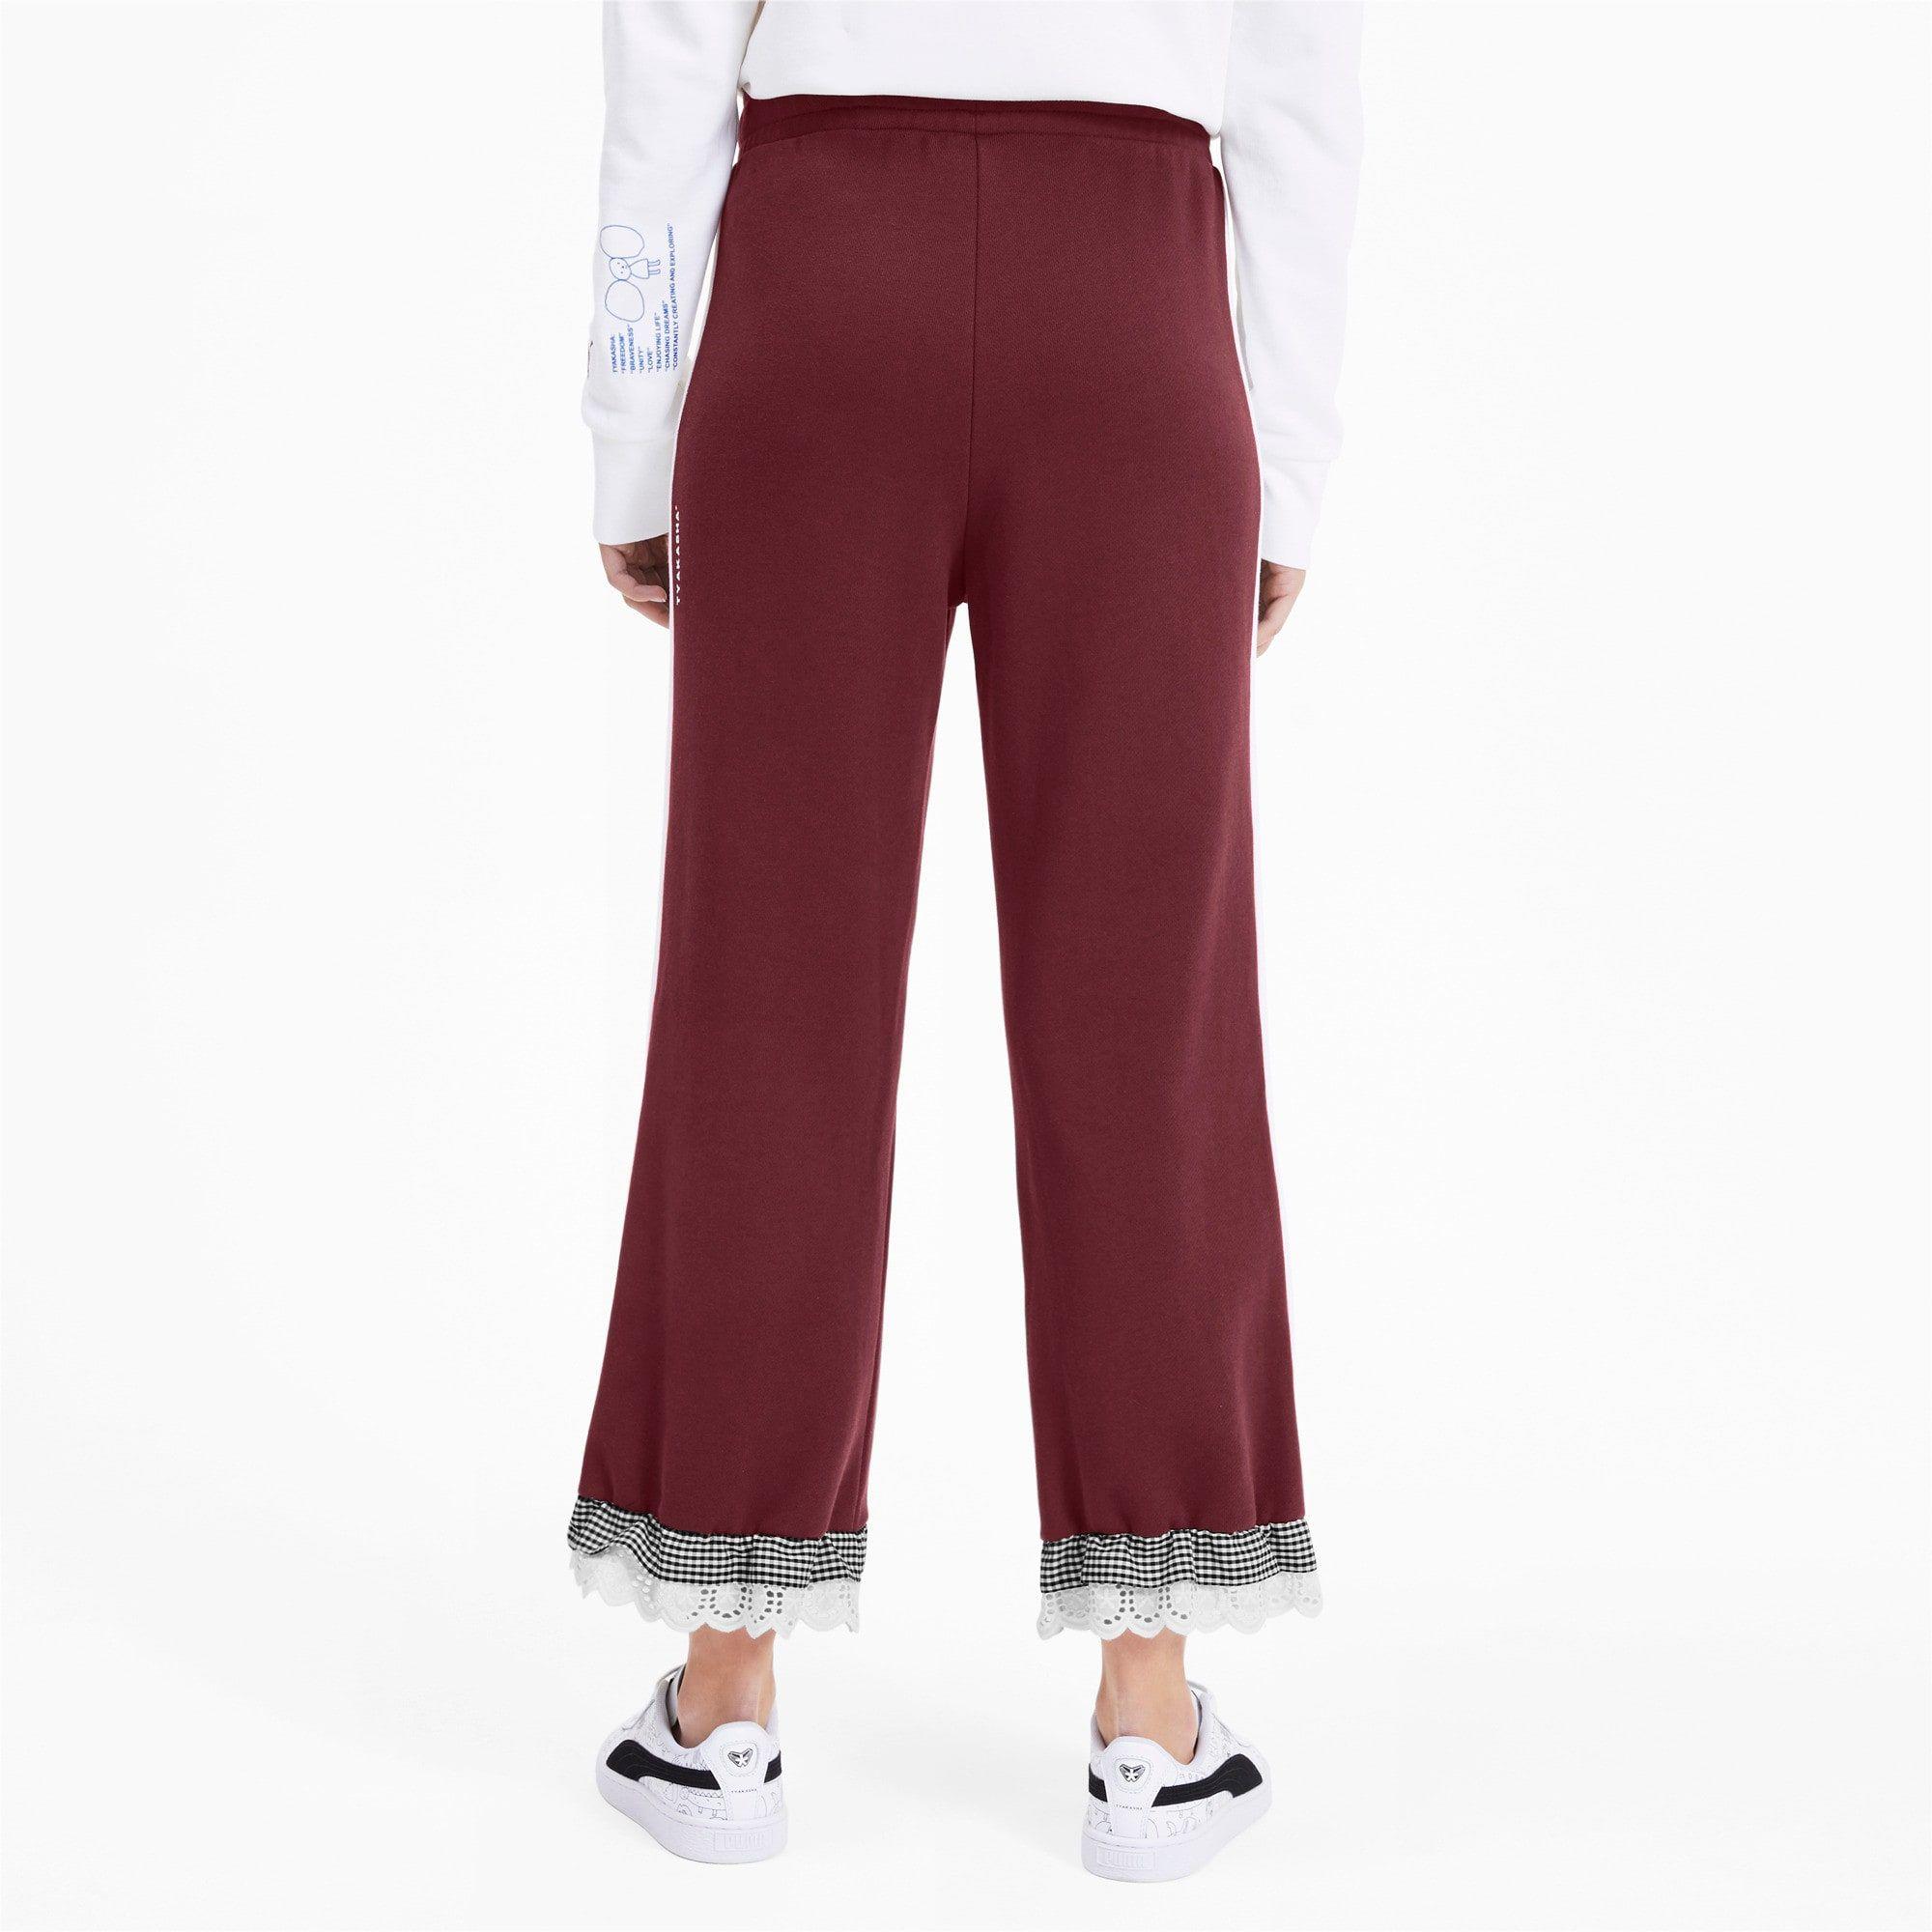 puma culotte femme